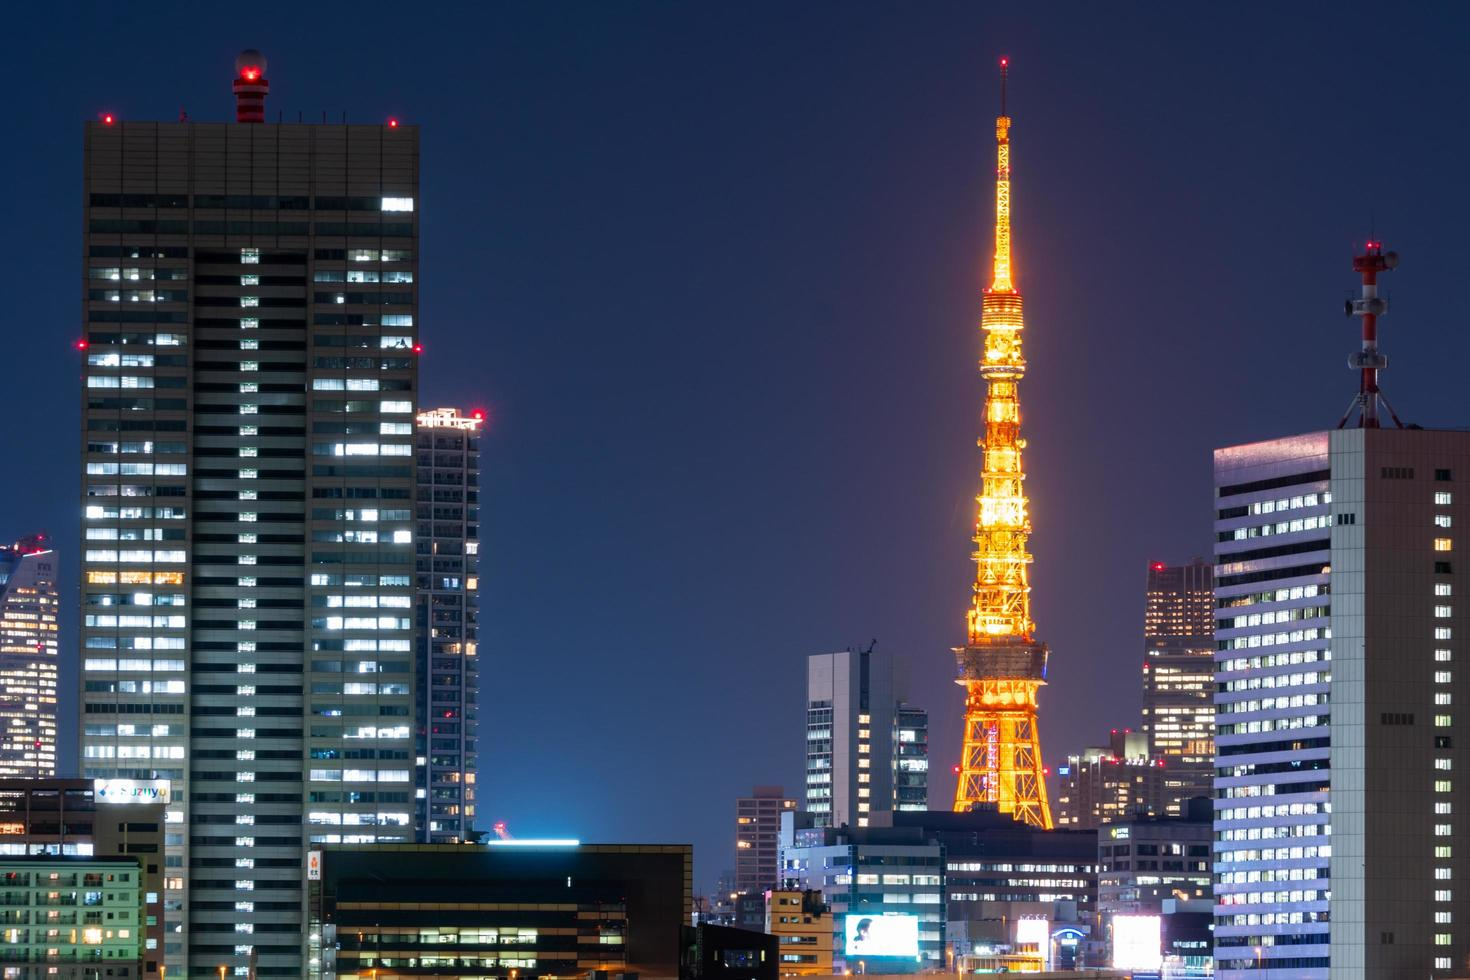 torre de tokio y paisaje urbano en japón foto